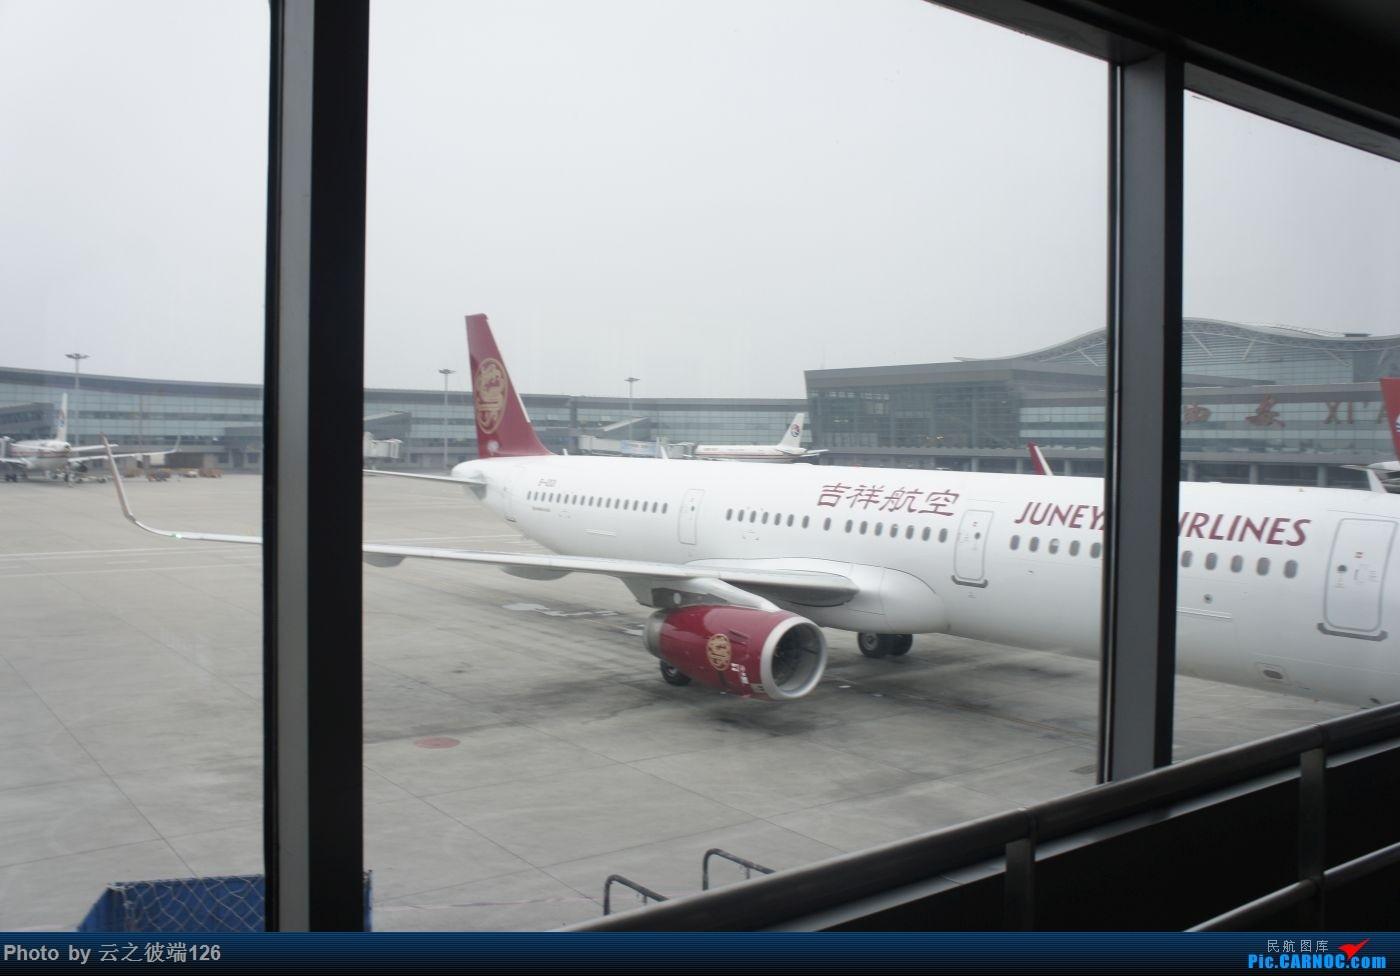 Re:[原创]---步入中原,时隔三年意外遇见你 NKG-XIY-HFE--- AIRBUS A321-200 B-1001 中国西安咸阳国际机场